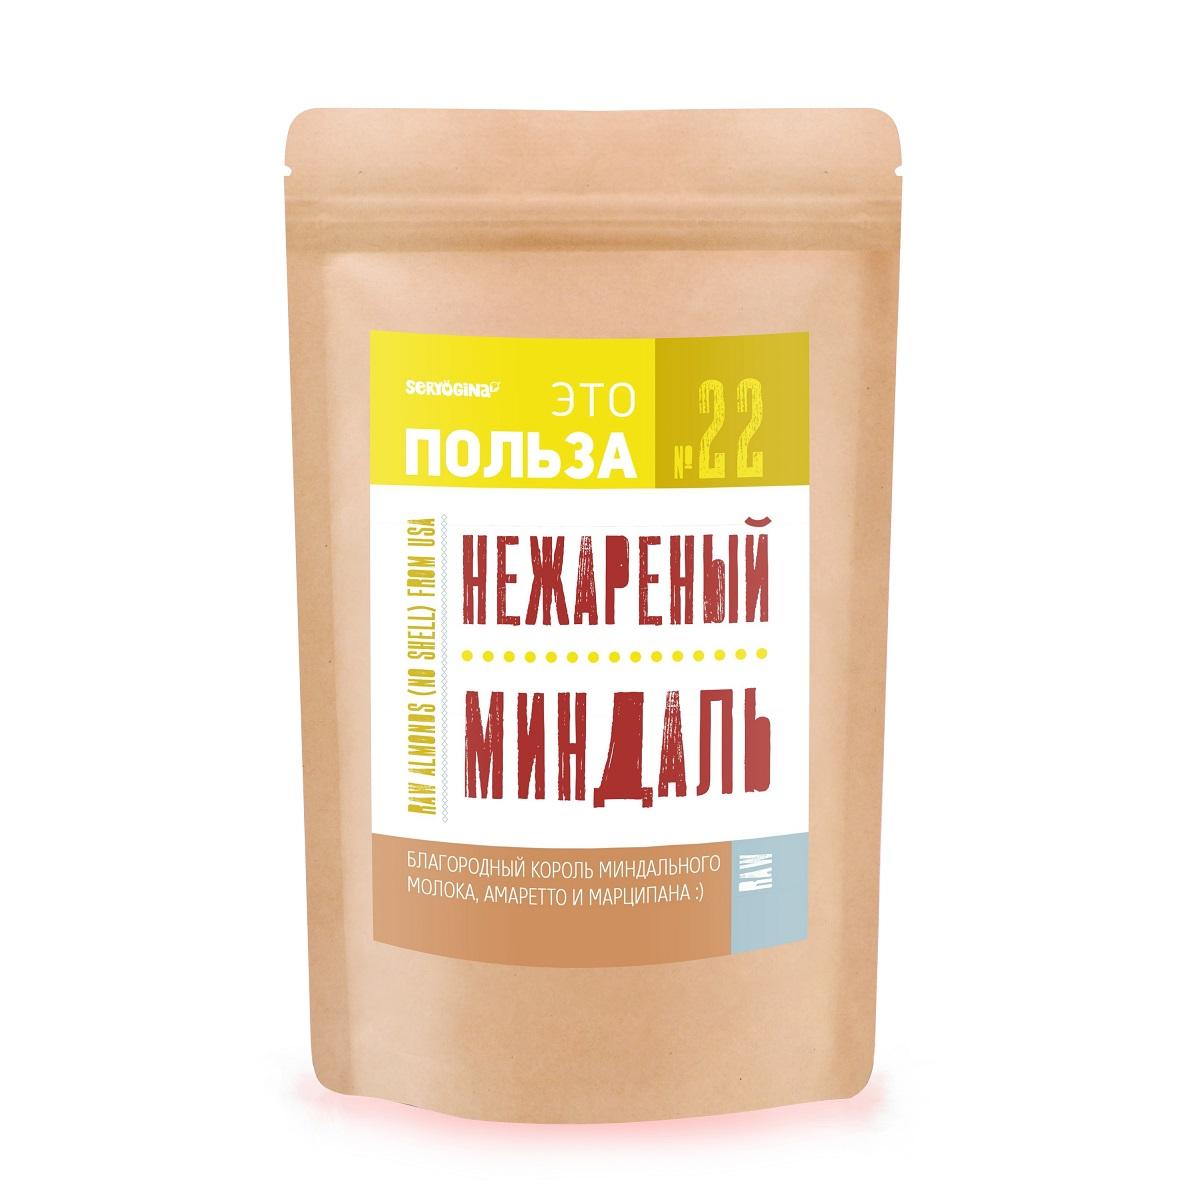 Seryogina Миндаль нежареный, 900 г0120710Сладкий вкусный миндаль. Идеален для приготовления десертов и сладостей. 40% дневной нормы кальция и магния, богат витаминами групп В и Е, белком, железом, цинком, фосфора в нем больше, чем в других орехах.